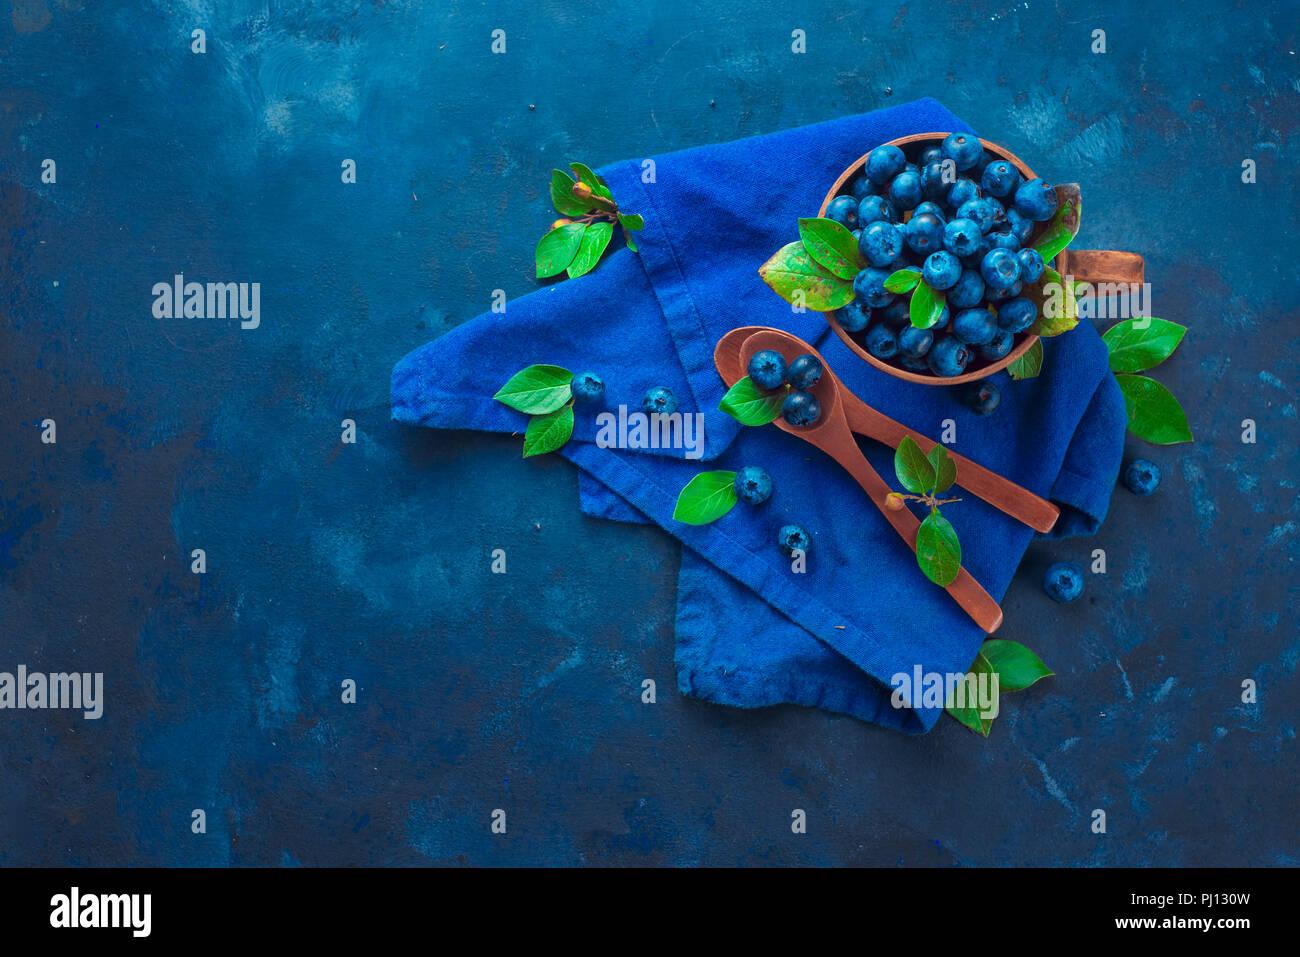 Concepto de cosecha de bayas de verano sobre un fondo azul oscuro con espacio de copia. Los arándanos en una taza de cerámica plana laical. Vista superior de la fotografía de alimentos Imagen De Stock